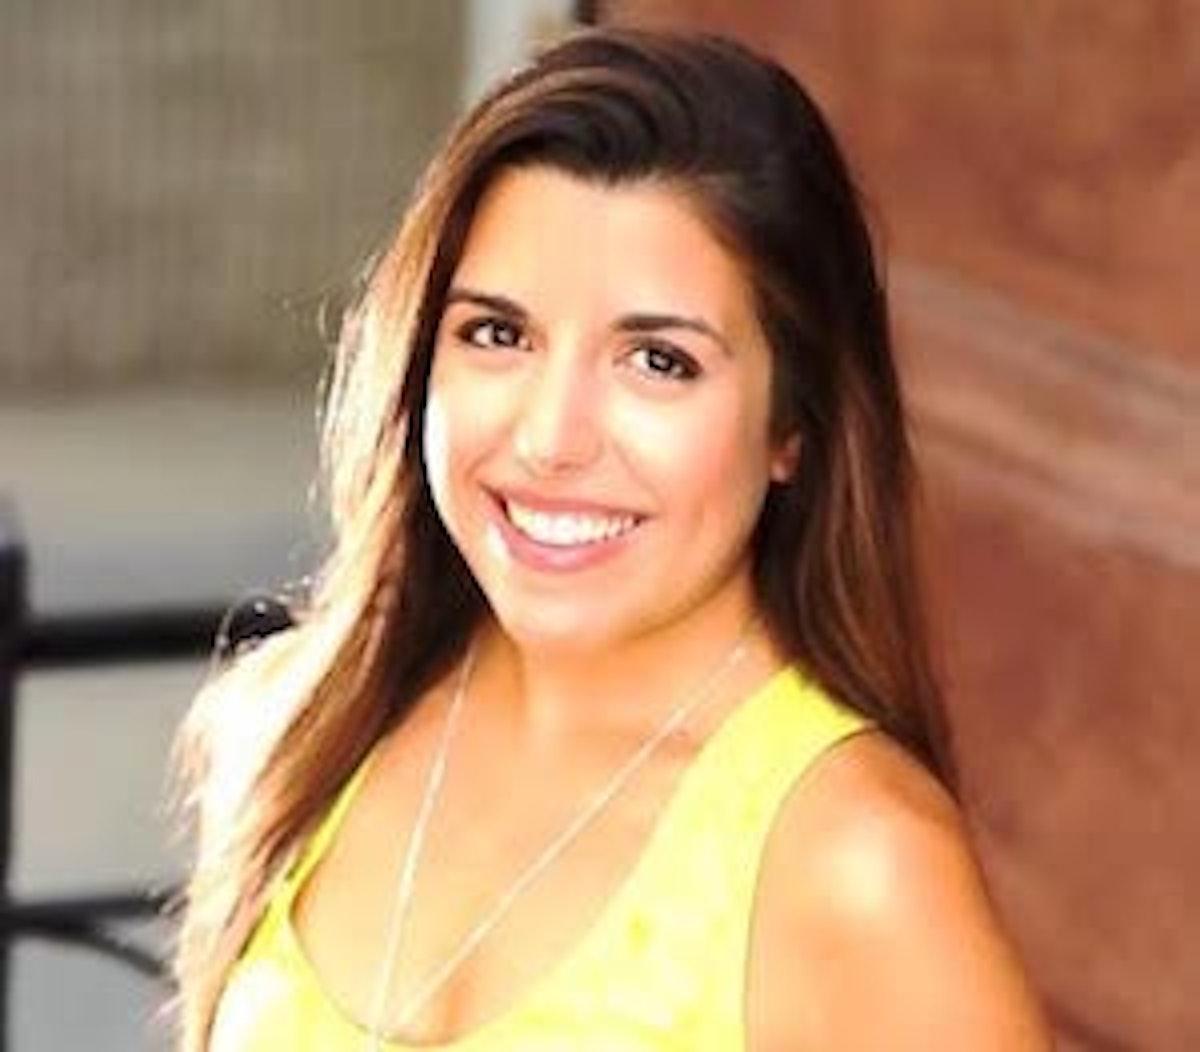 Ana-Sophia Guerreiro